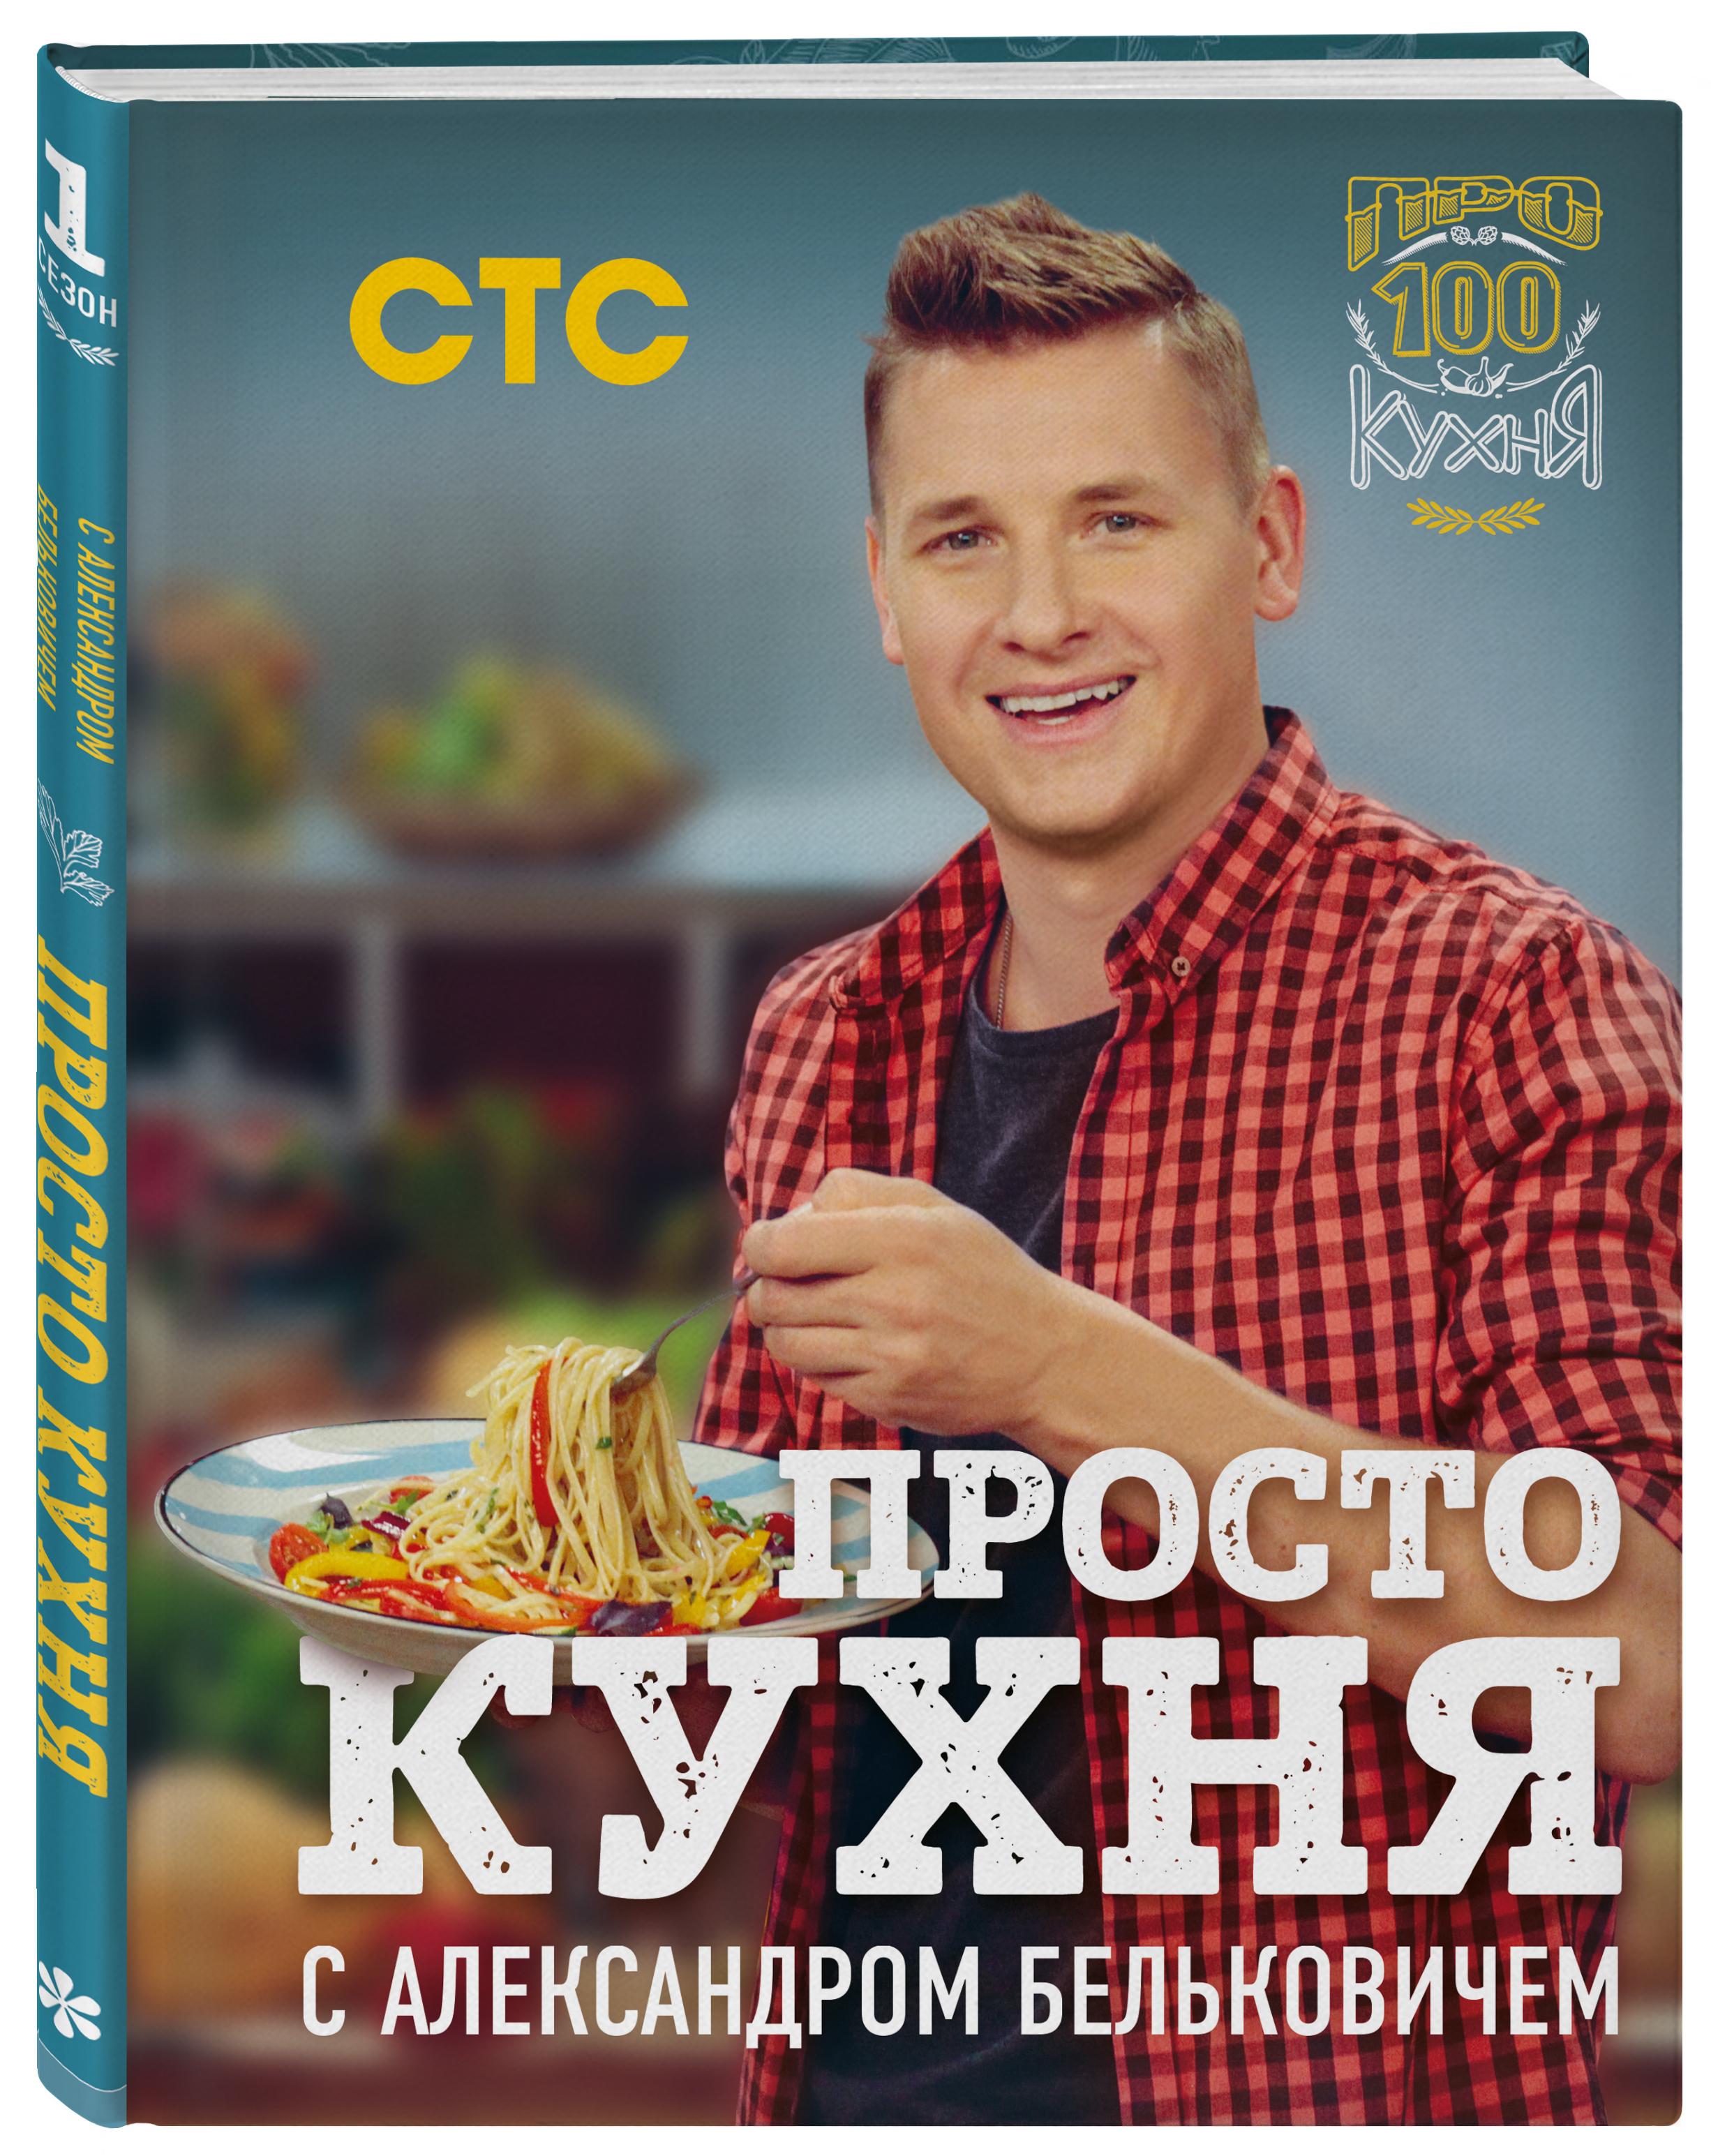 Просто кухня на СТС рецепты от 9.05.2020